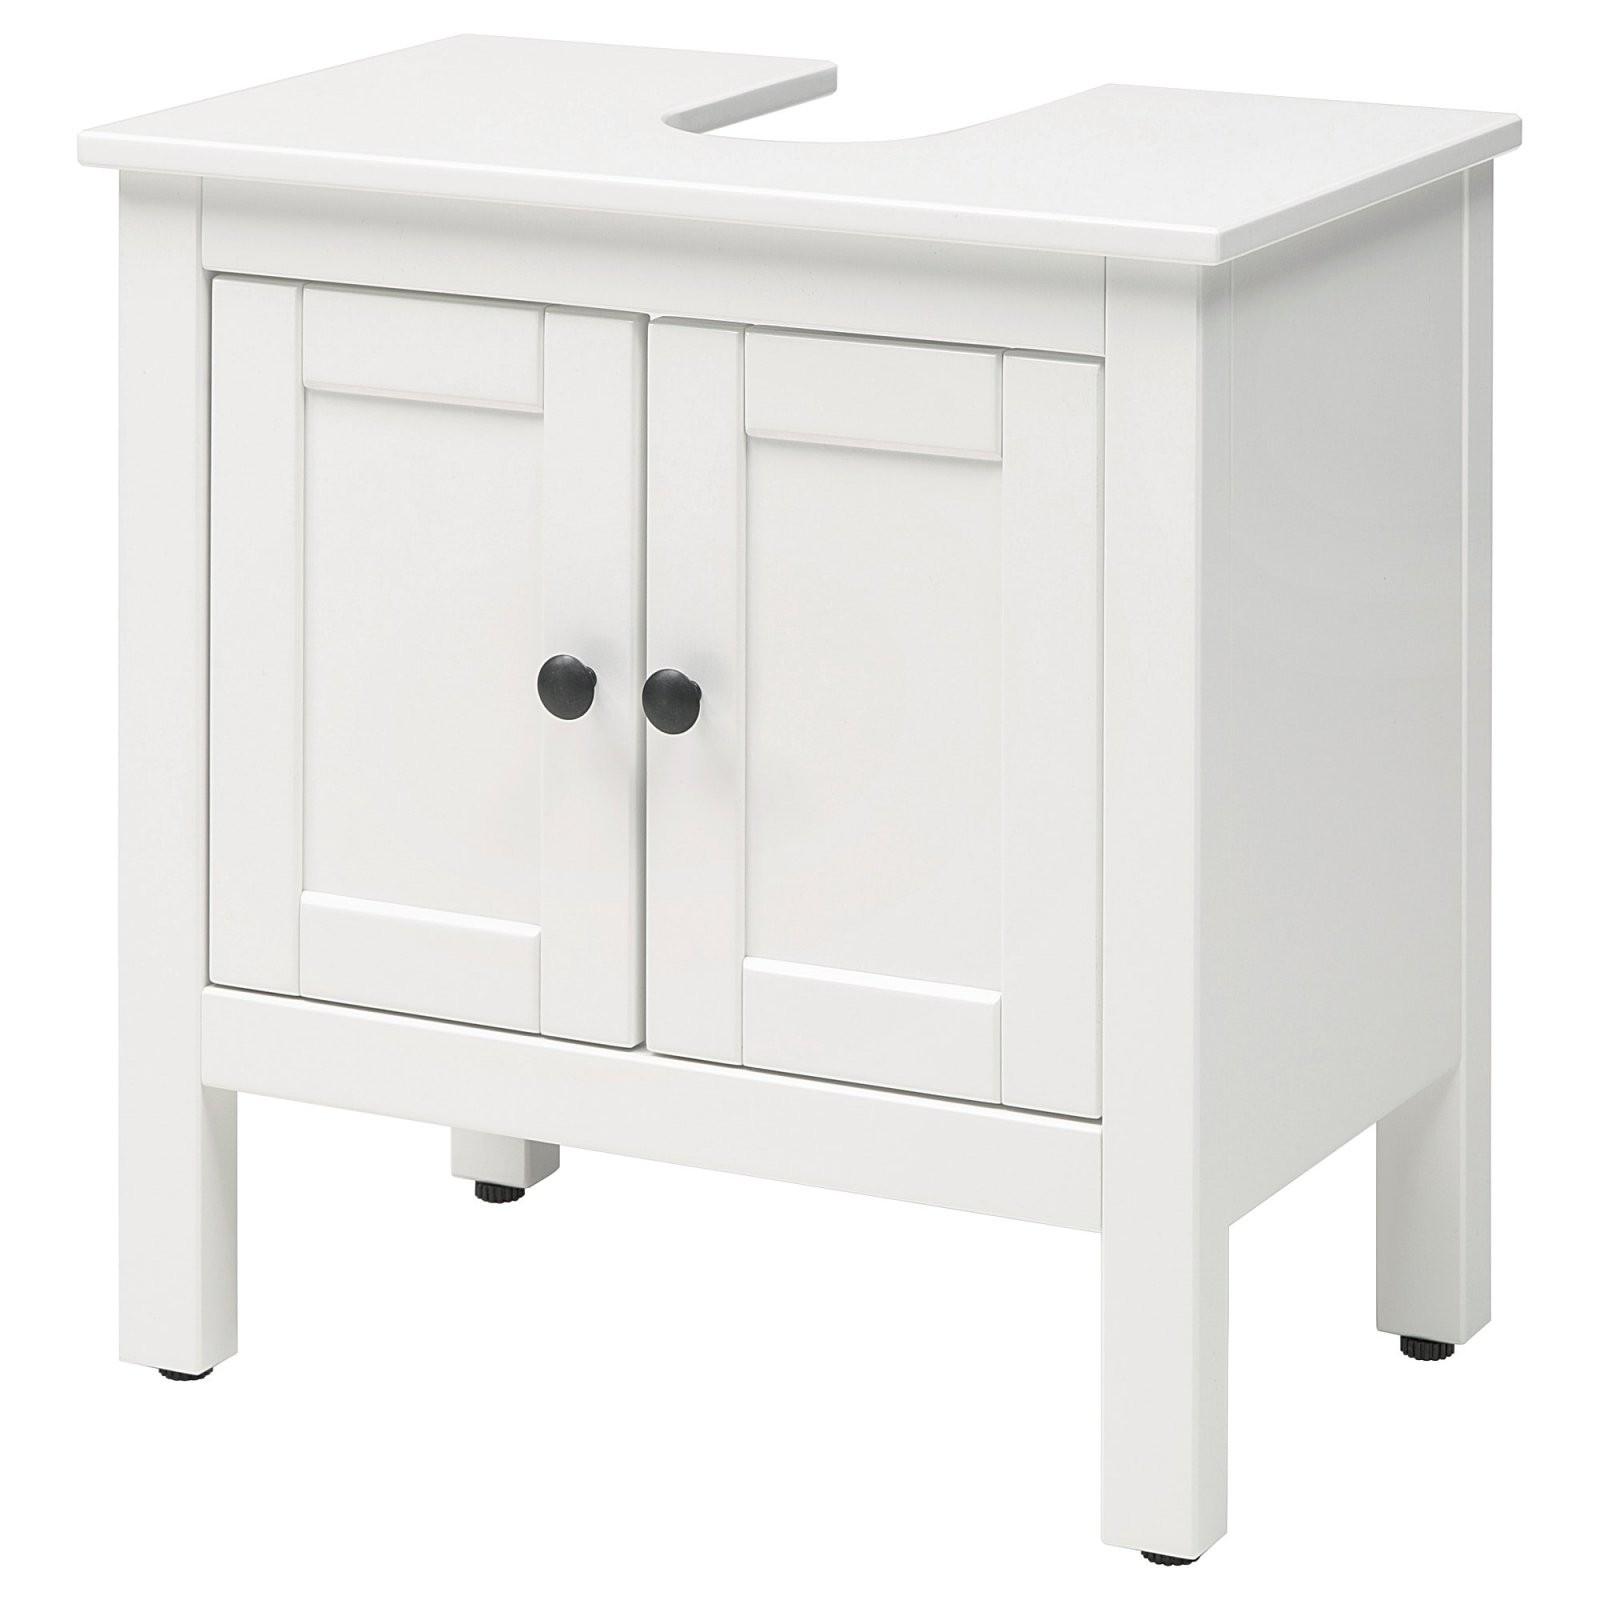 Hemnes Waschbeckenunterschrank 2 Türen  Weiß  Ikea von Waschbecken Mit Unterschrank Ikea Bild